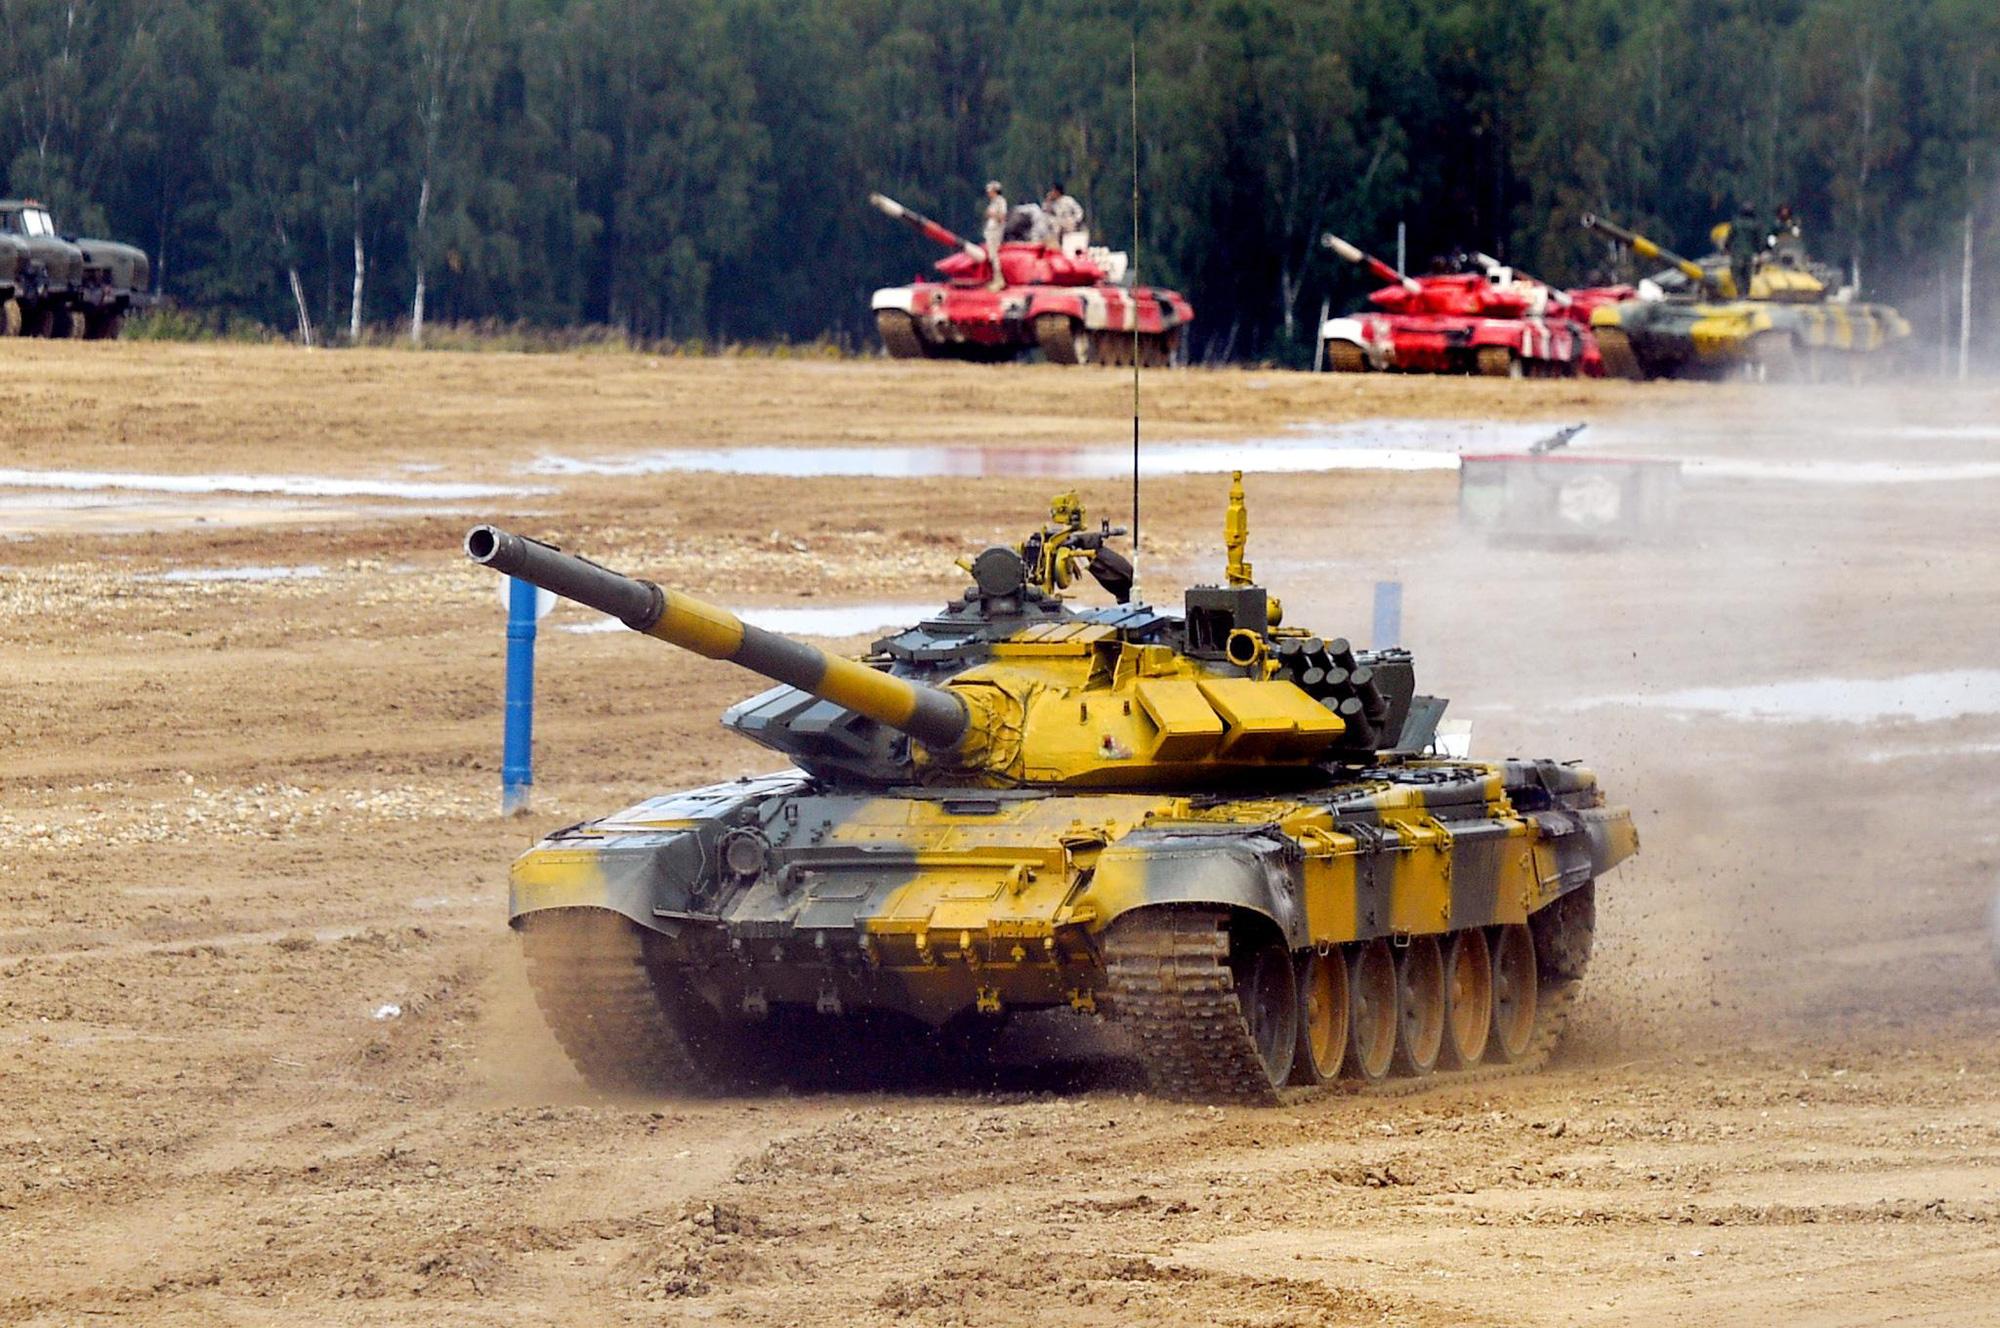 Hình ảnh xe tăng Việt Nam hùng dũng thi đấu ở trận 2 Tank Biathlon - Army Games 2020 - Ảnh 3.